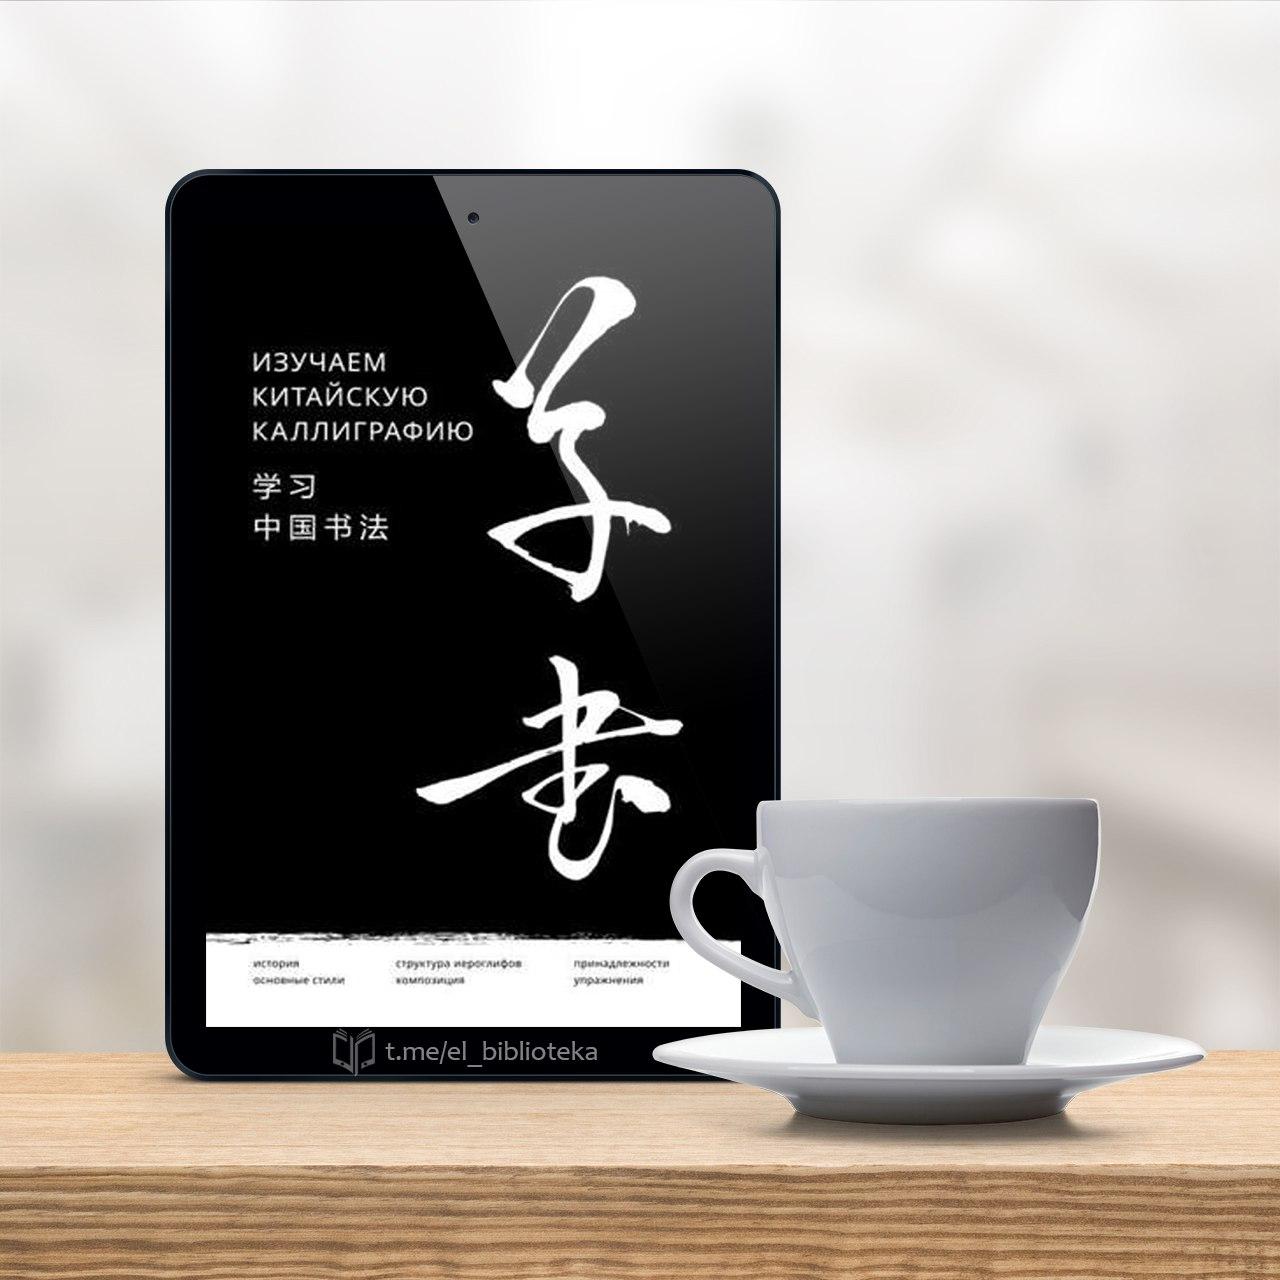  Изучаем китайскую каллиграфию  Автор:  Хань_Цзяао  Год издания: 2020...